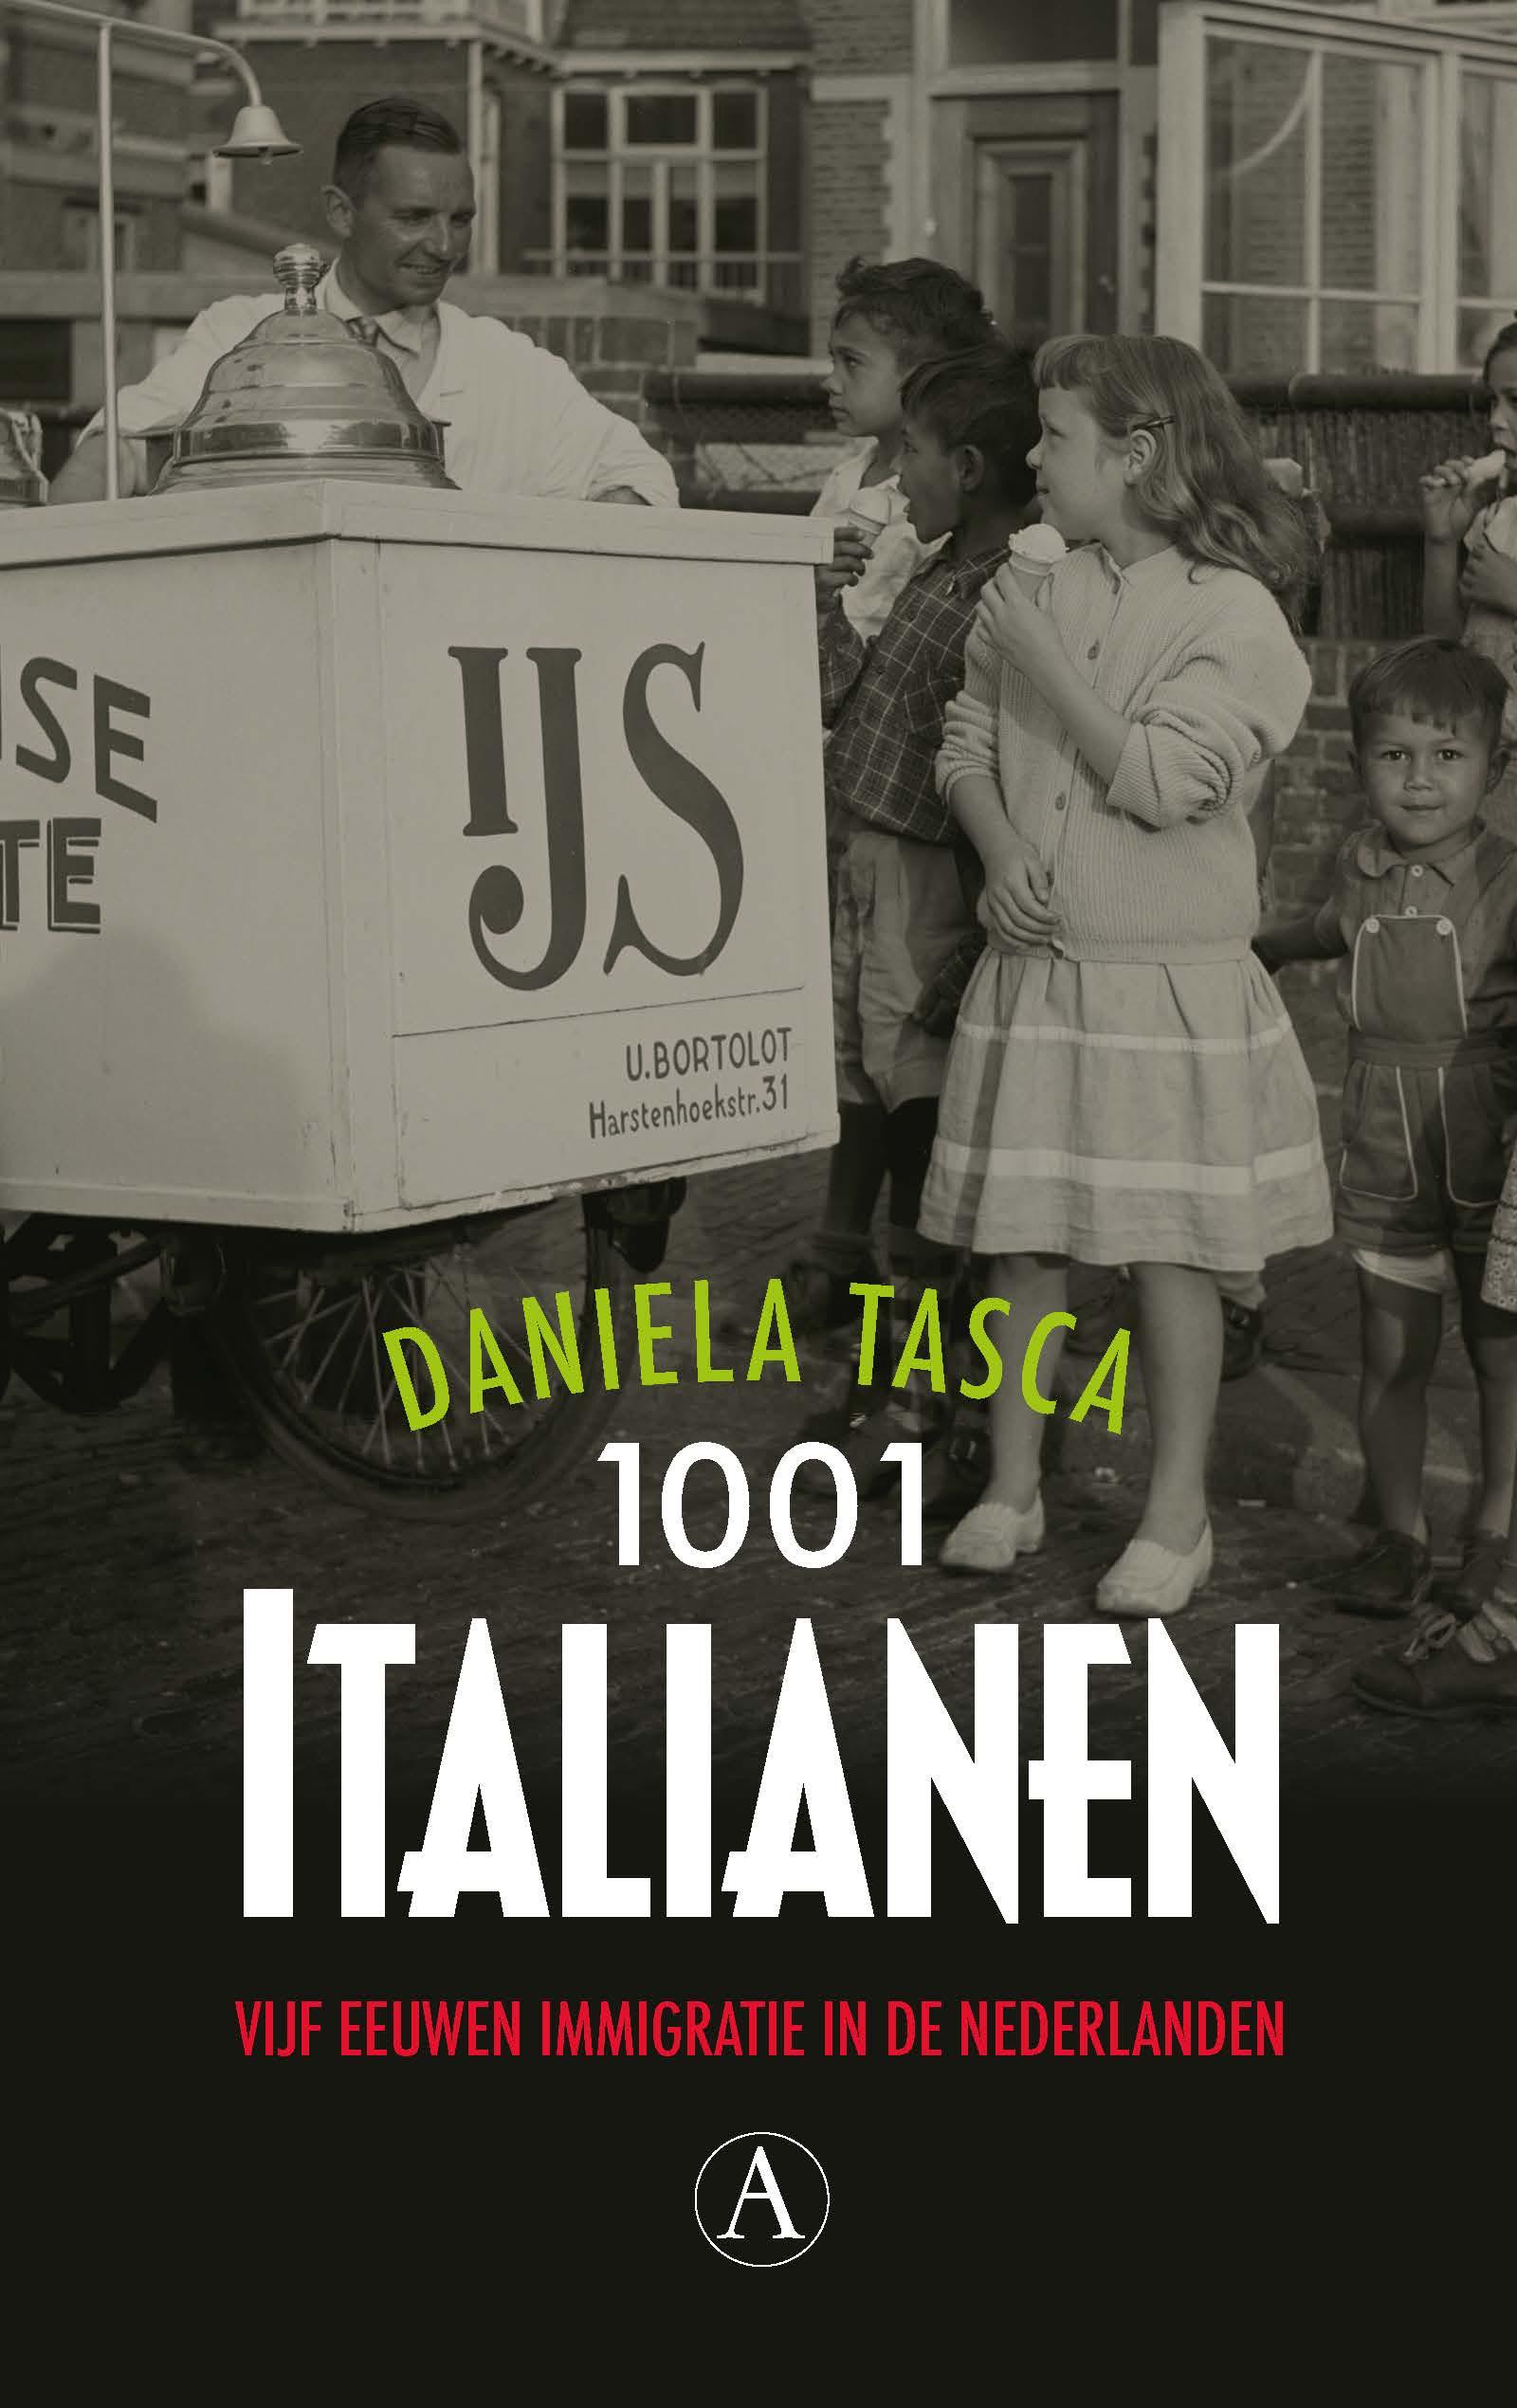 1001 Italianen – Daniela Tasca